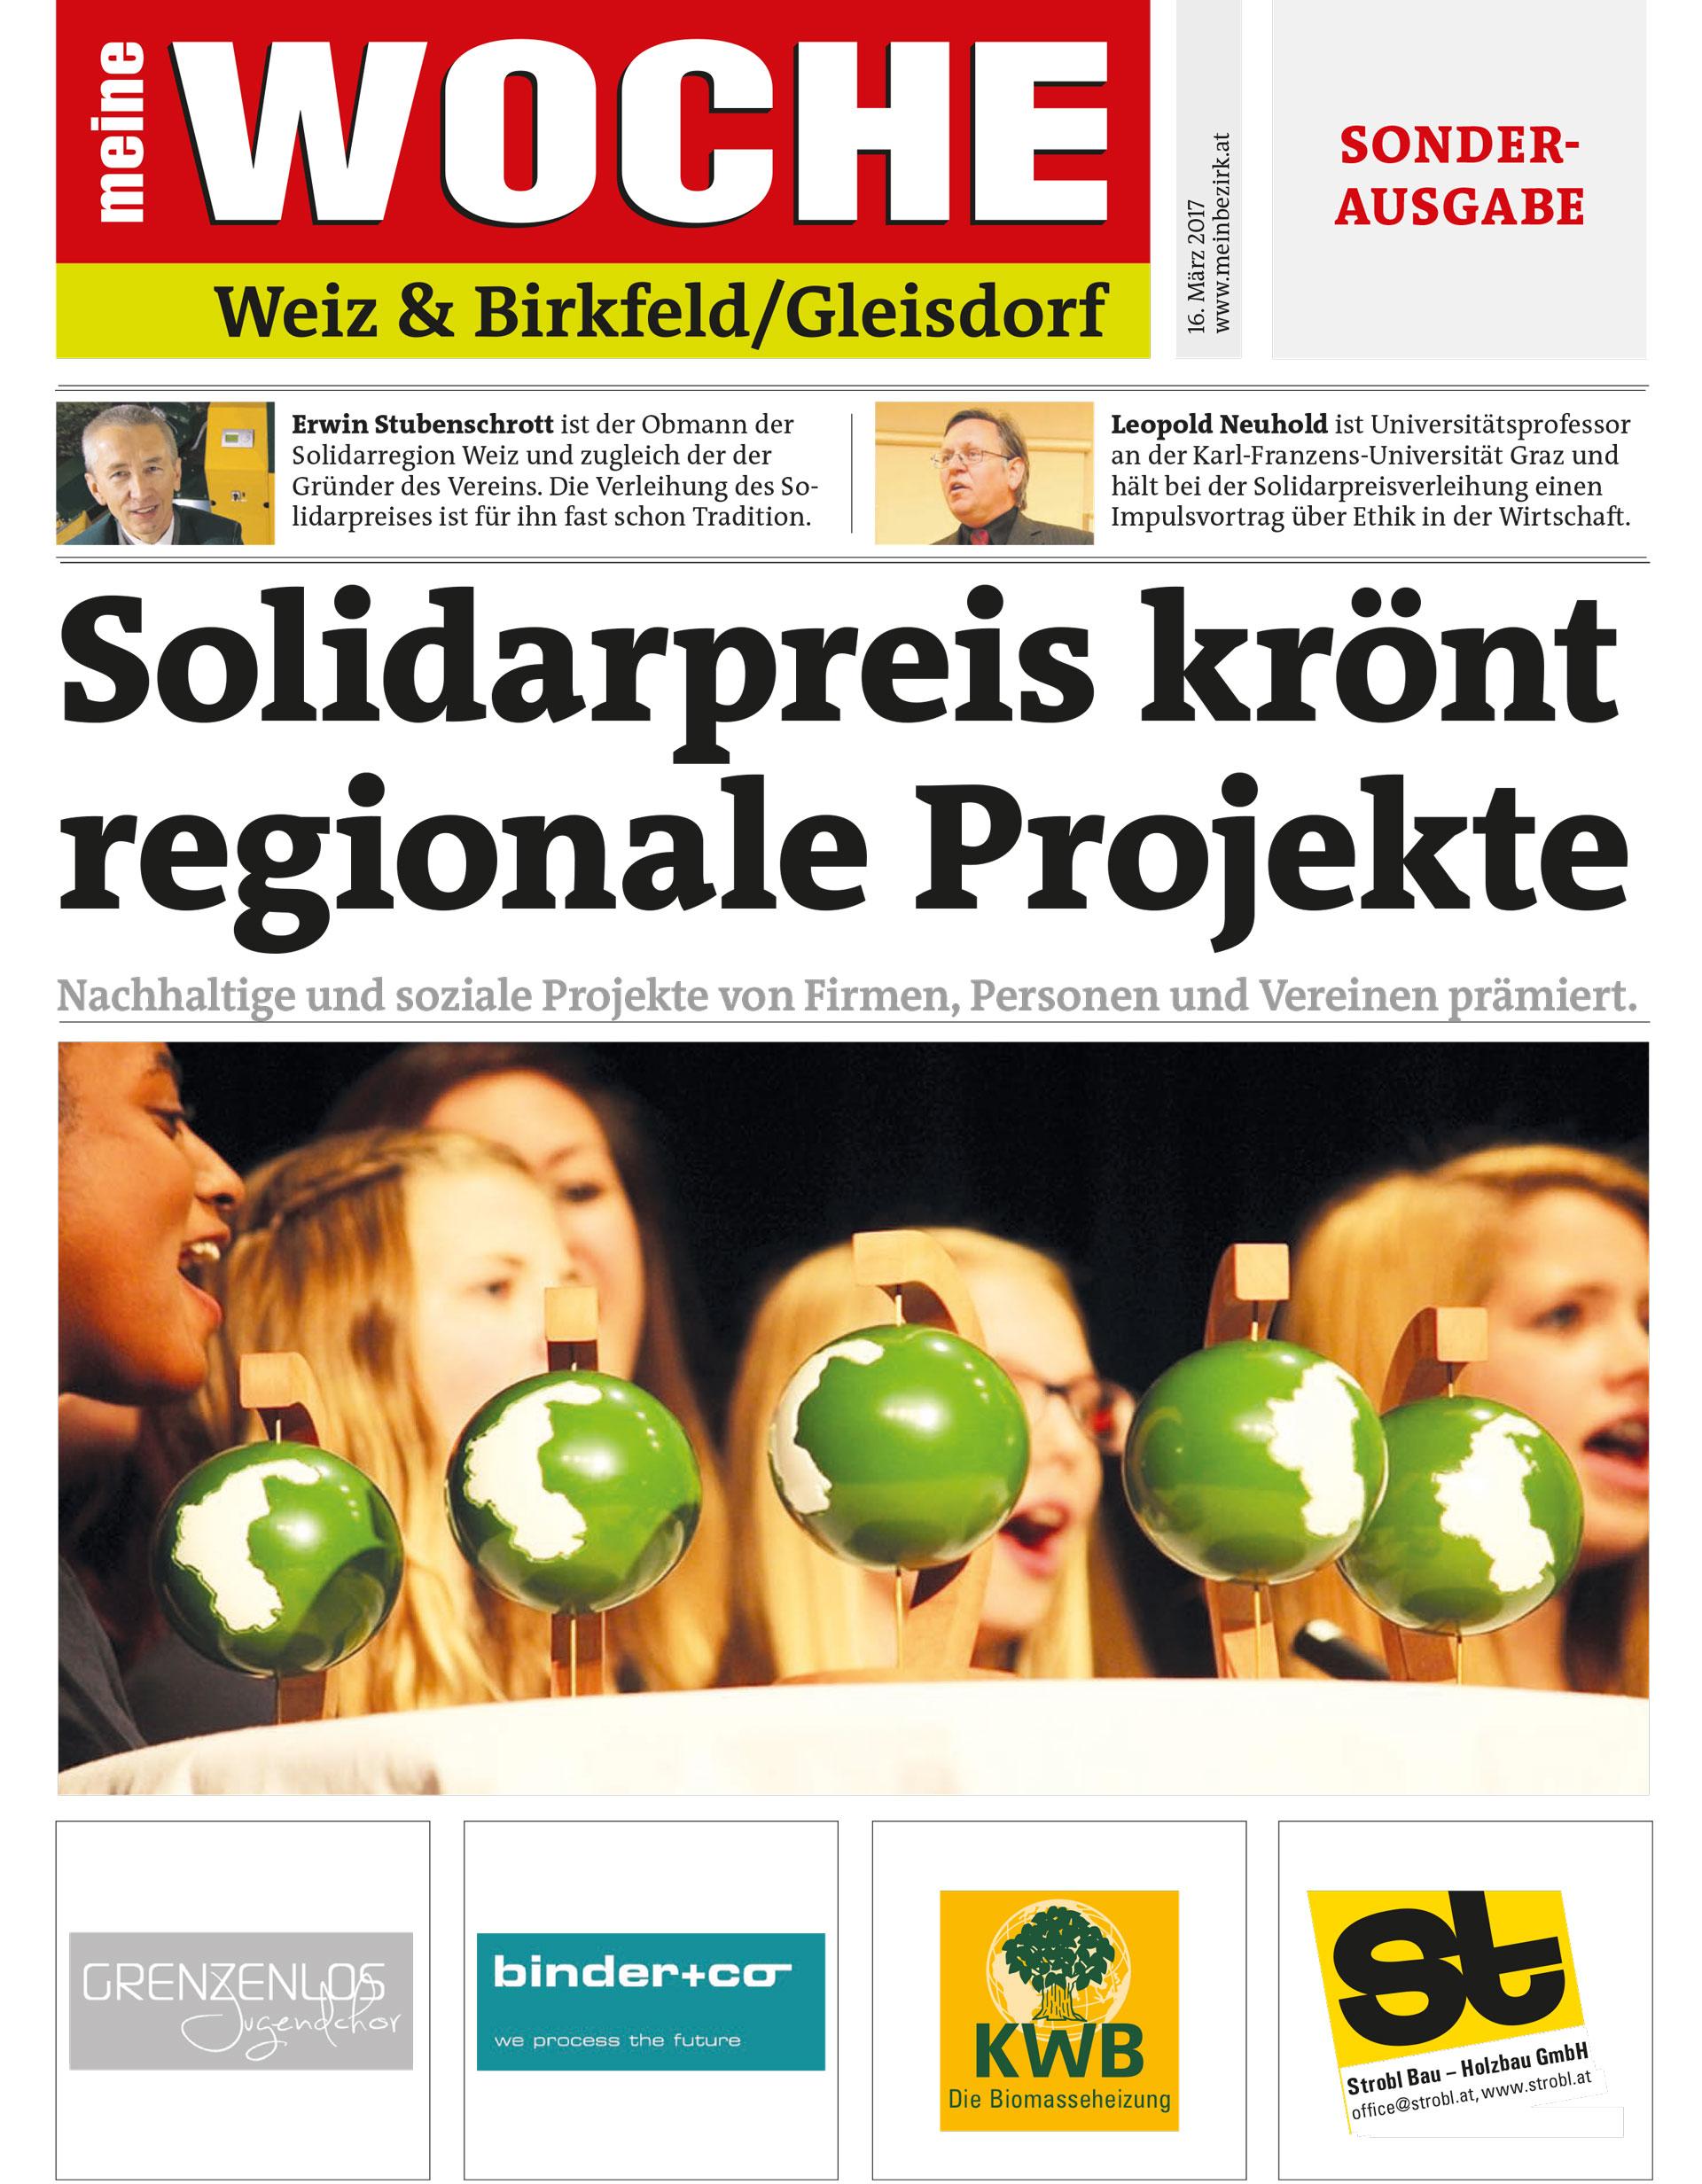 Sonderausgabe-Woche_Solidarpreis2017-1